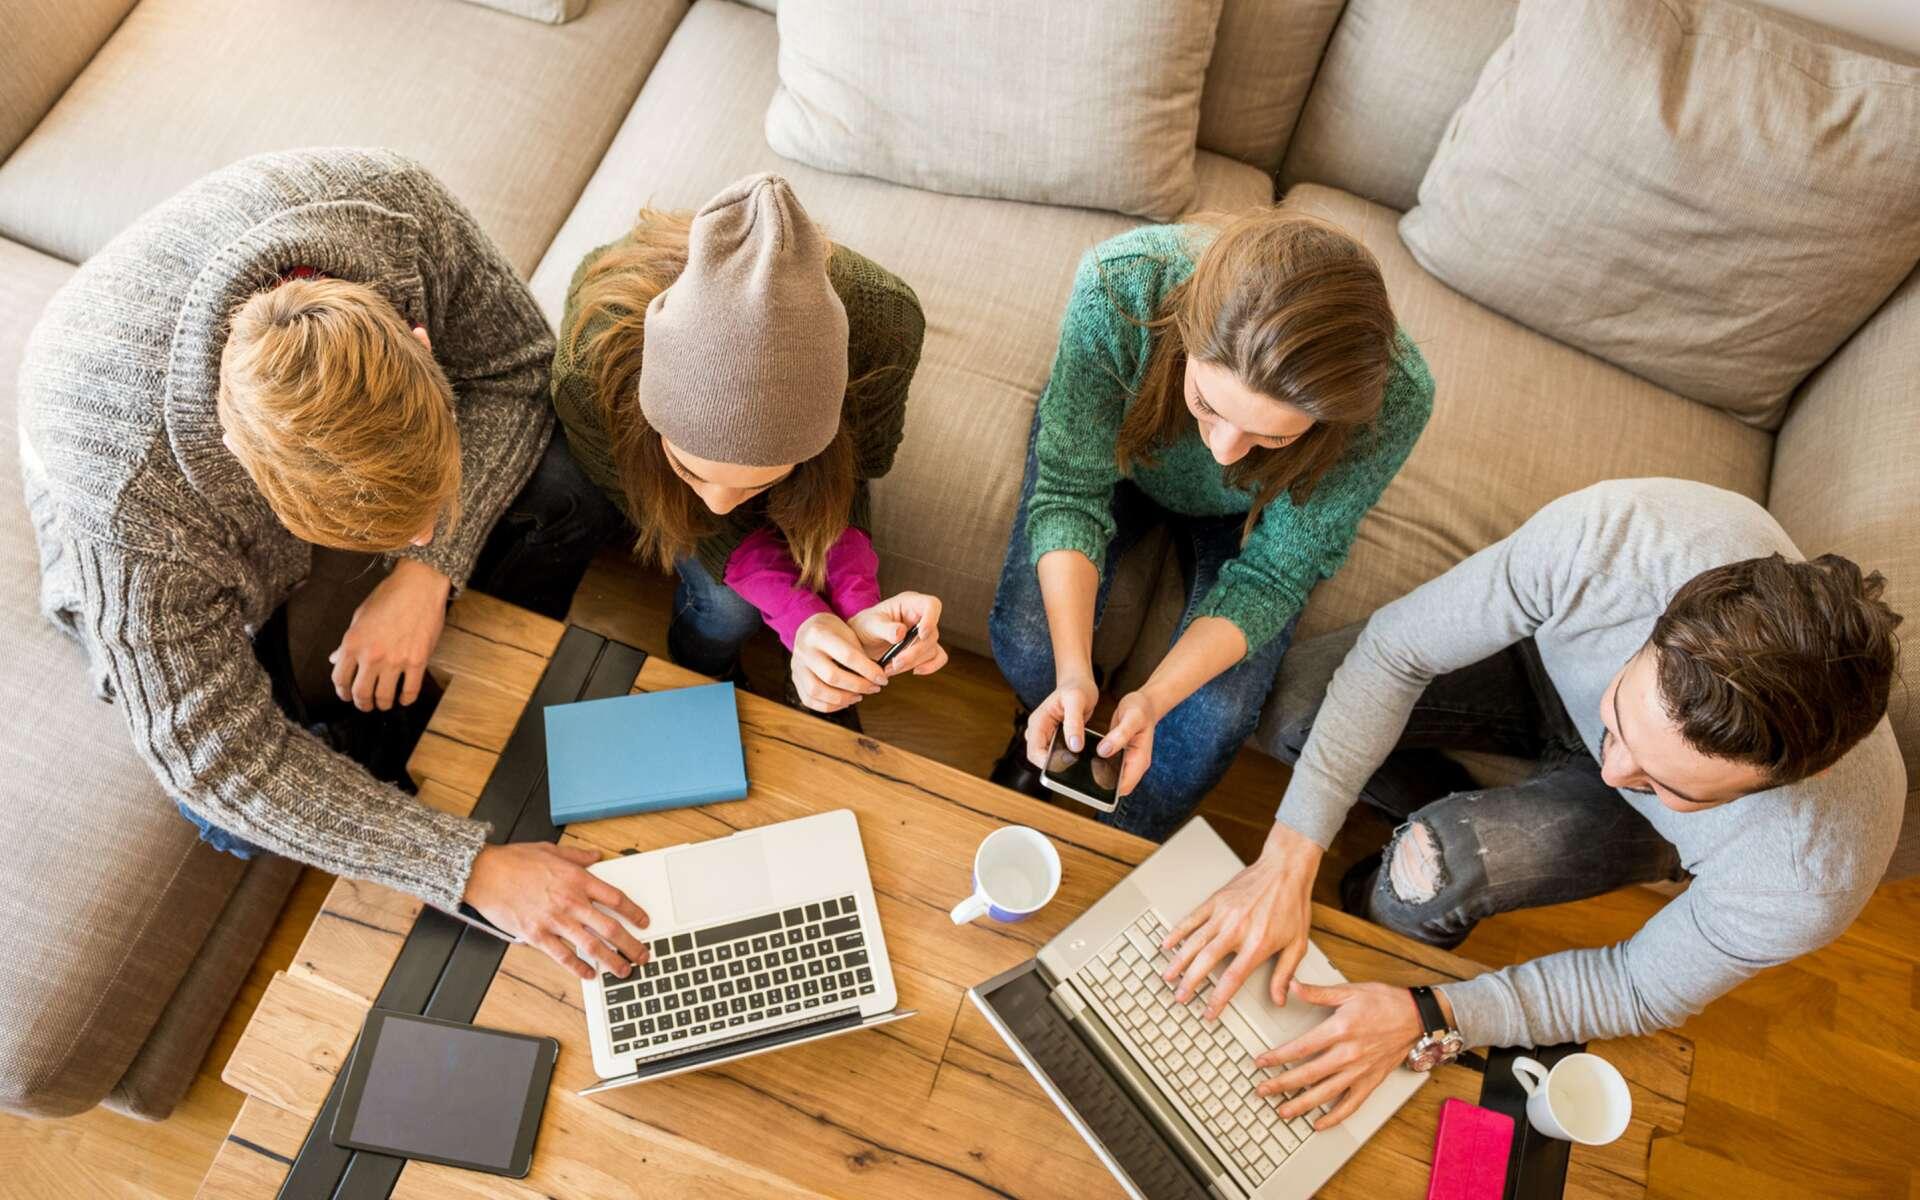 L'entrée dans la vie active ou faire des études longues favorisent la prise de poids. © Extreme-Photographer, IStock.com